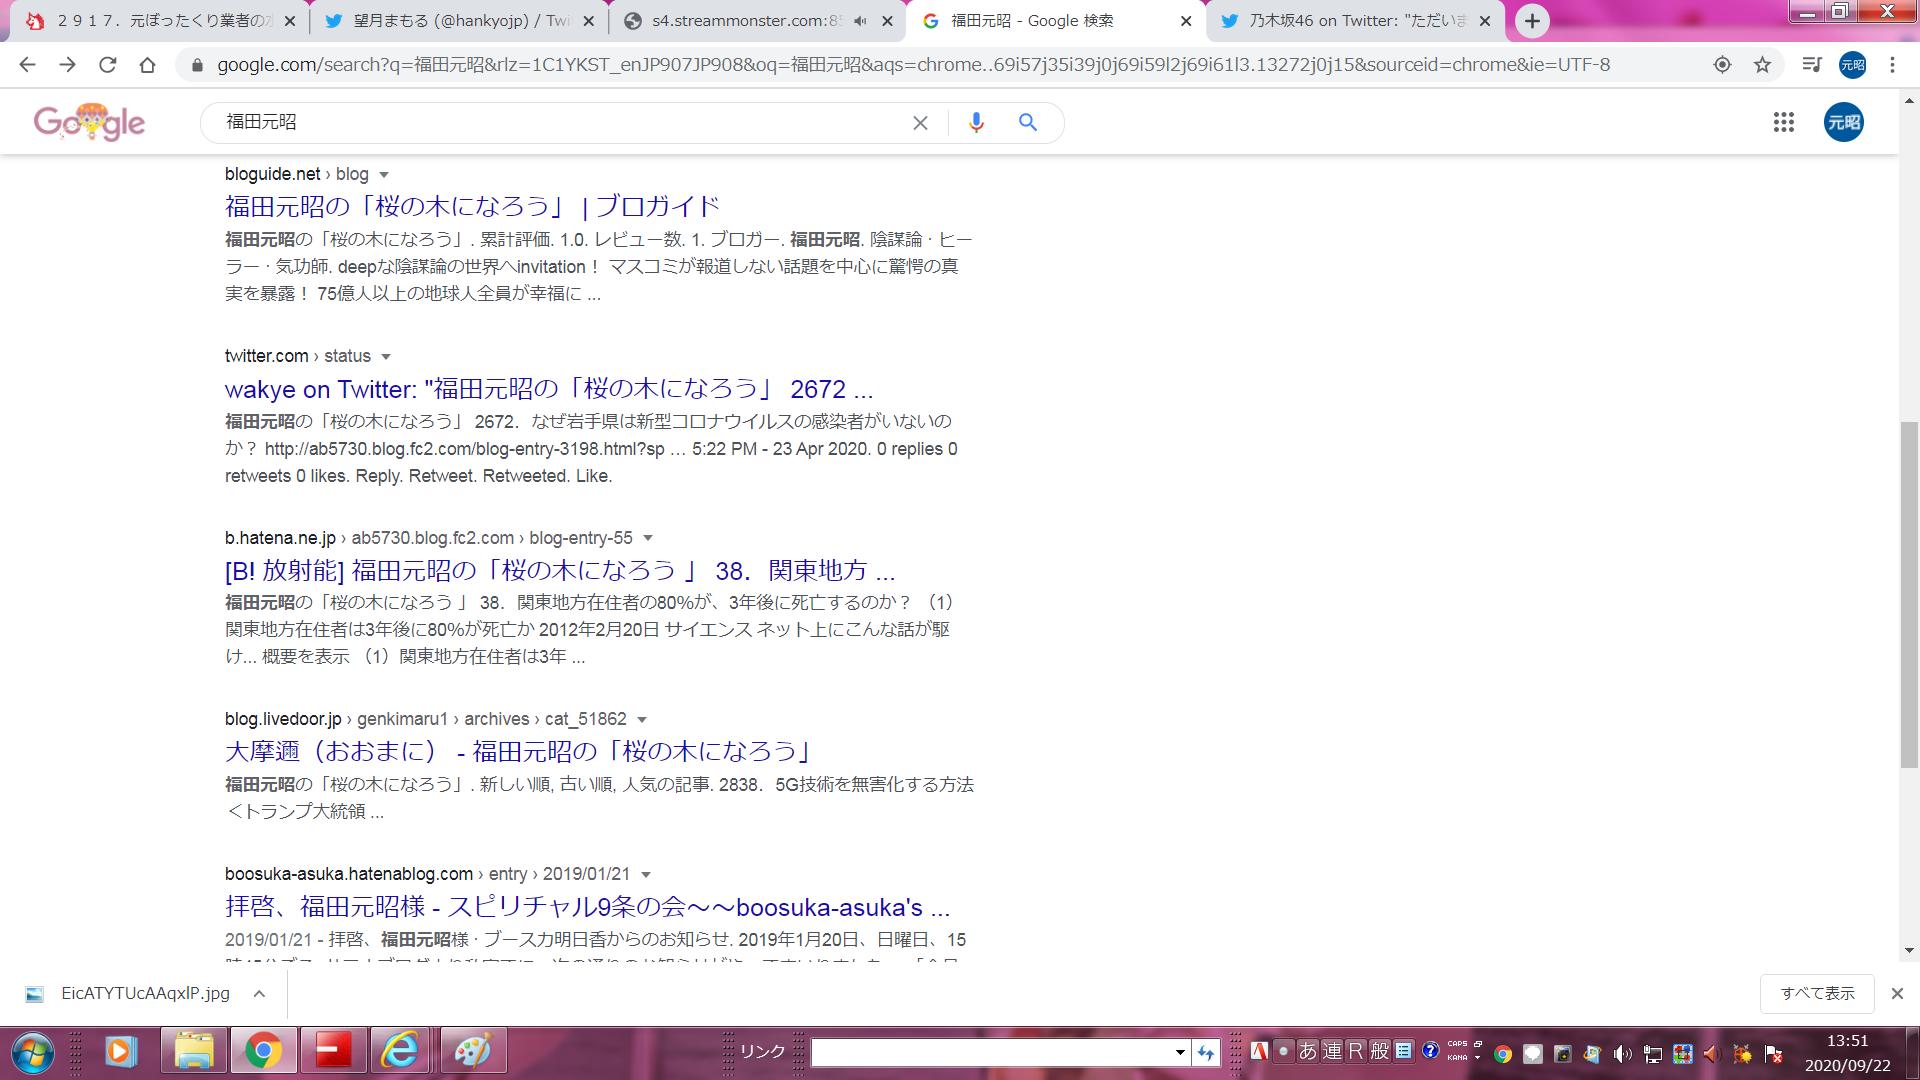 検索エンジンに福田元昭と入れると 1